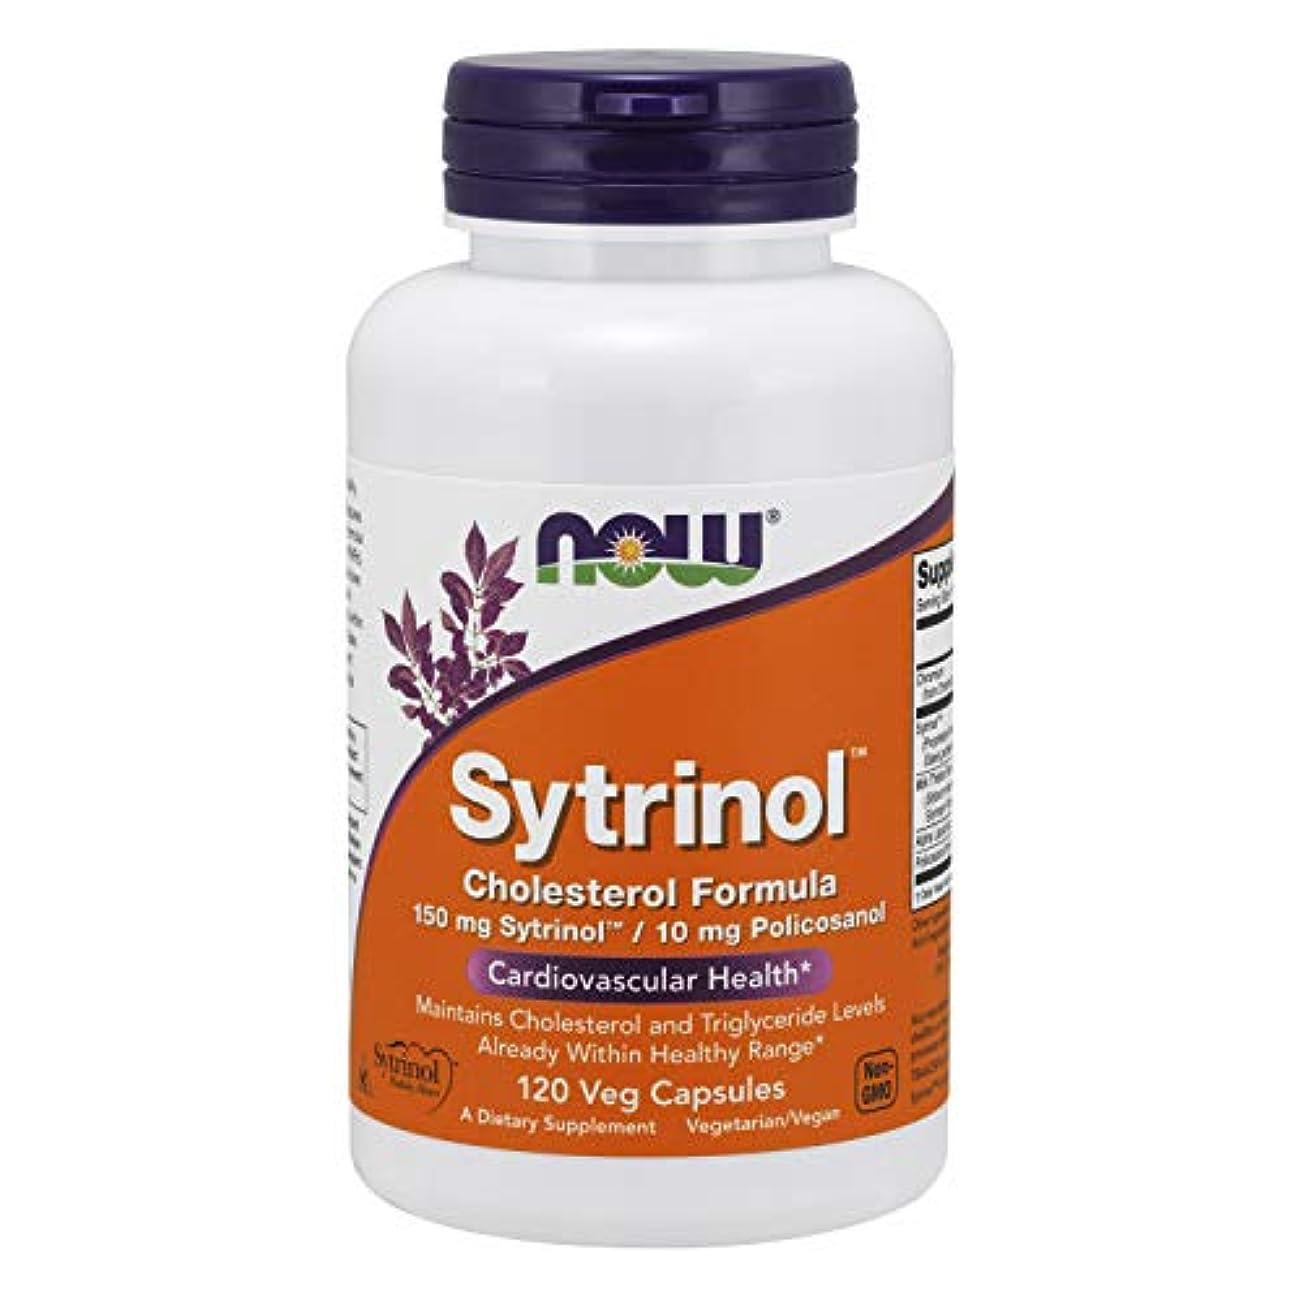 電信ロイヤリティ視力海外直送品 Now Foods Sytrinol, 120 Vcaps 150 mg